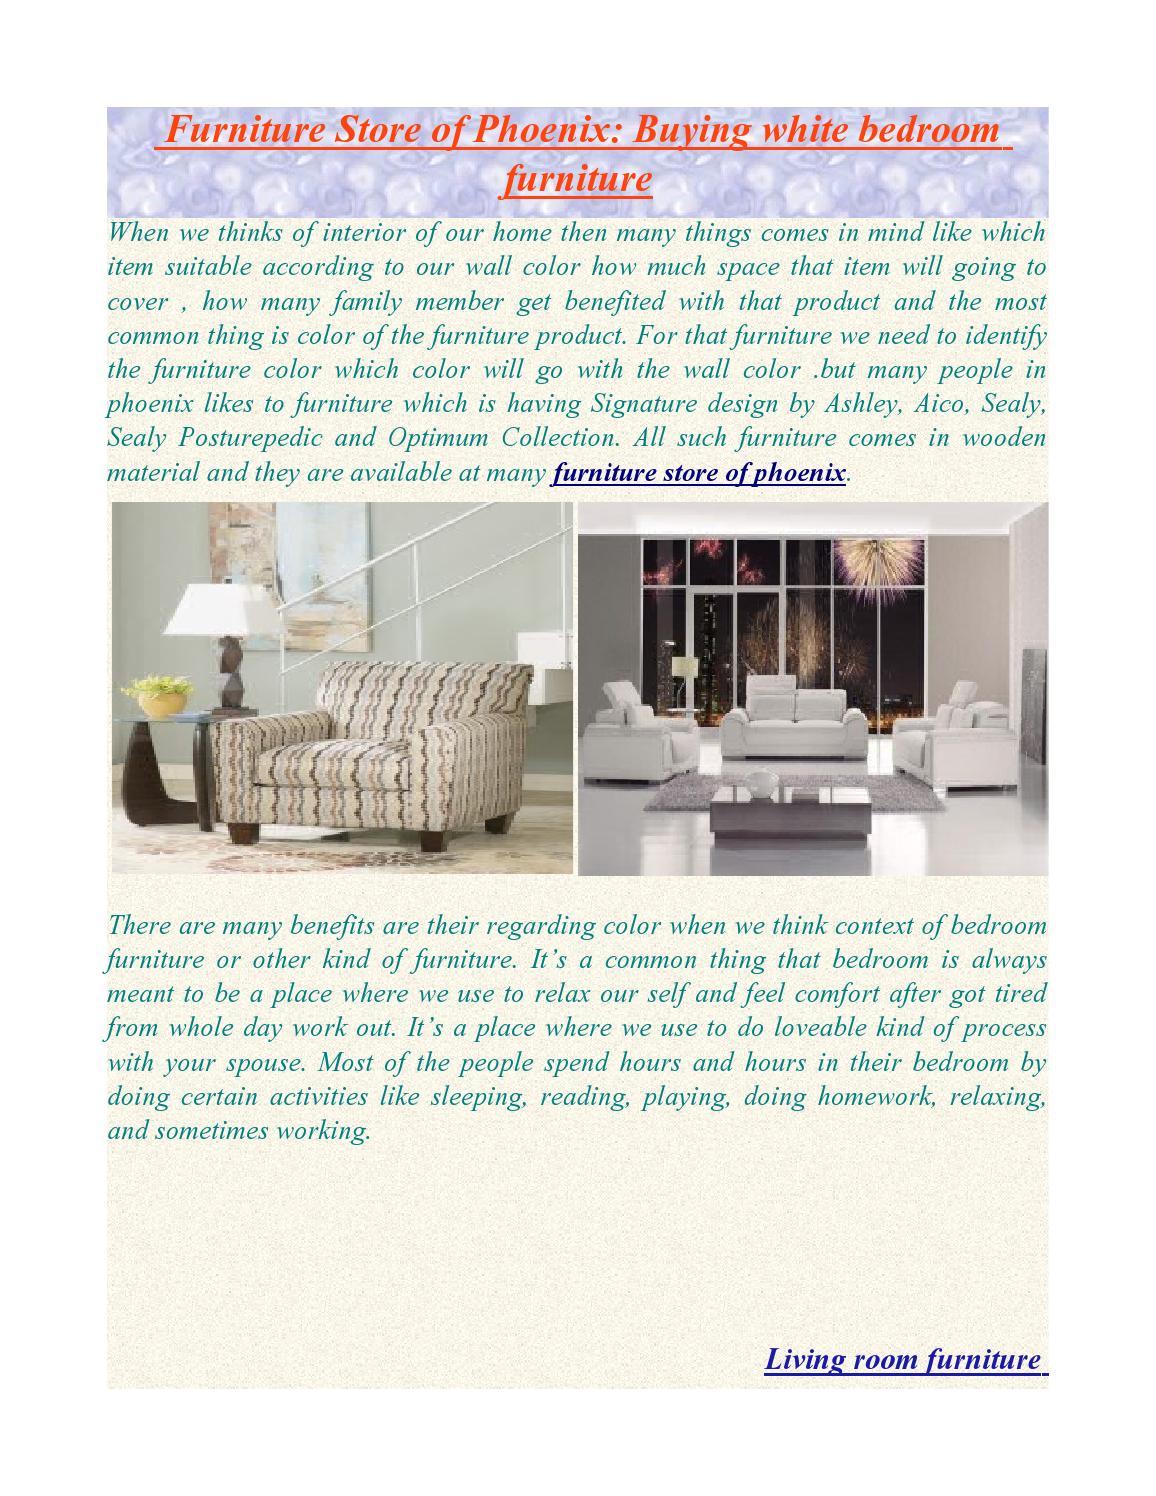 Furniture store of phoenix buying white bedroom furniture - Bedroom furniture stores phoenix az ...